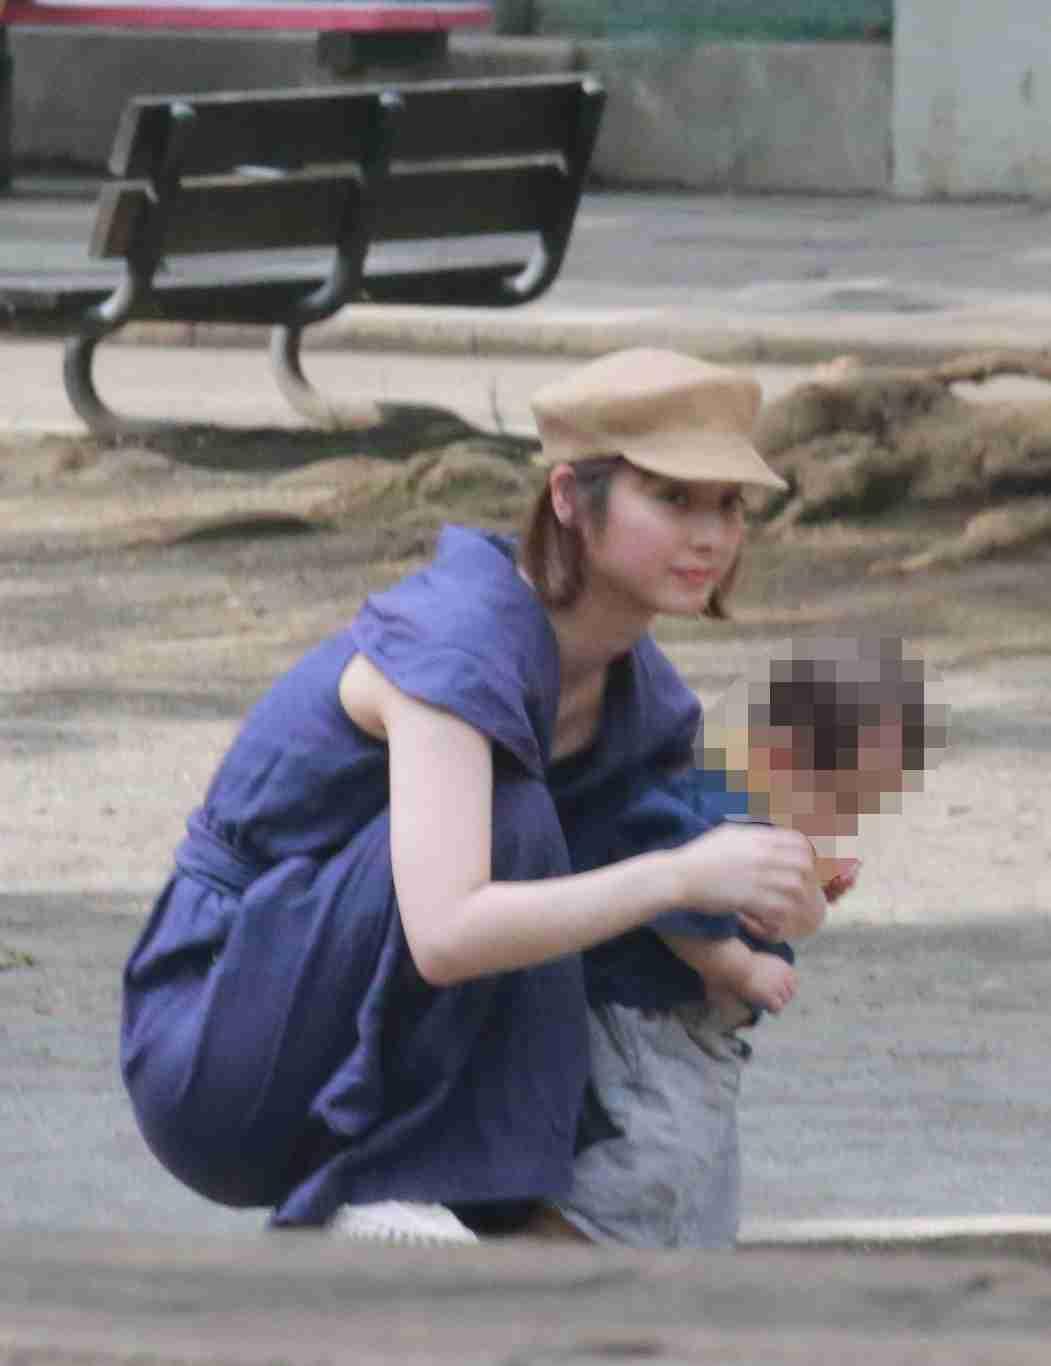 佐々木希&渡部建親子3人と愛犬で公園散歩!別居離婚騒動はなかったことに?